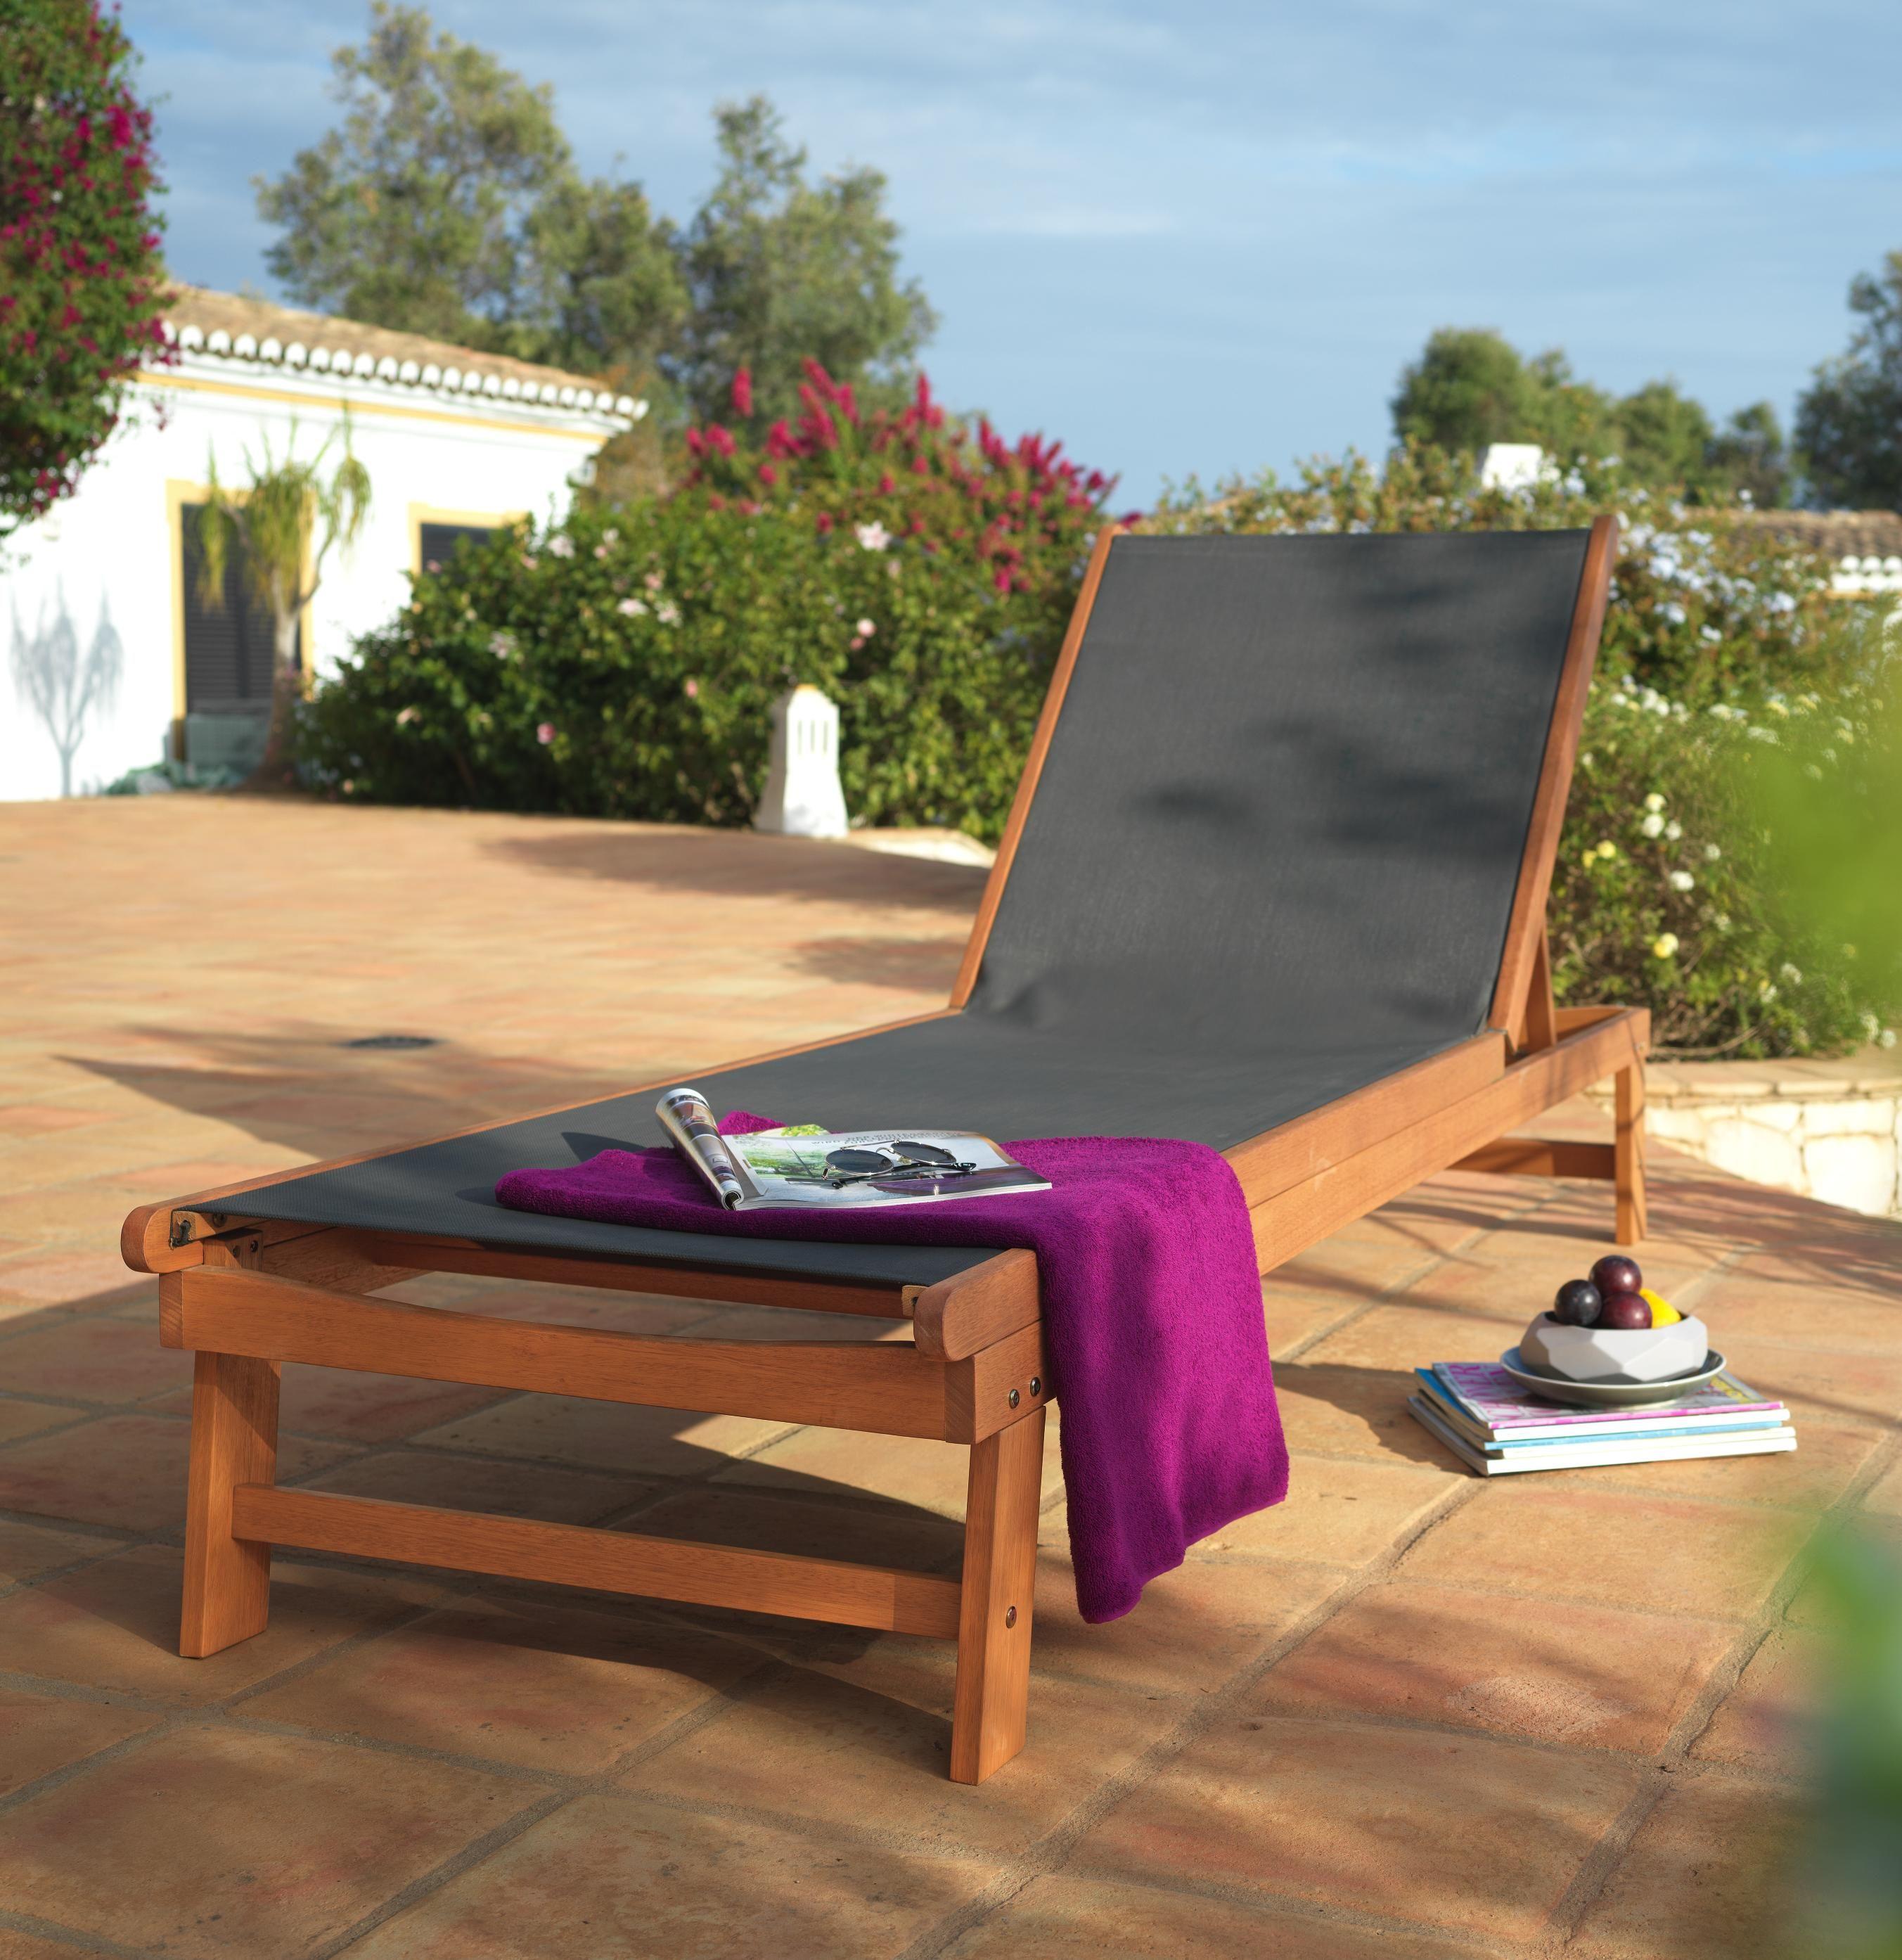 Sonnenliege aus Holz mit gemütlicher Liegefläche